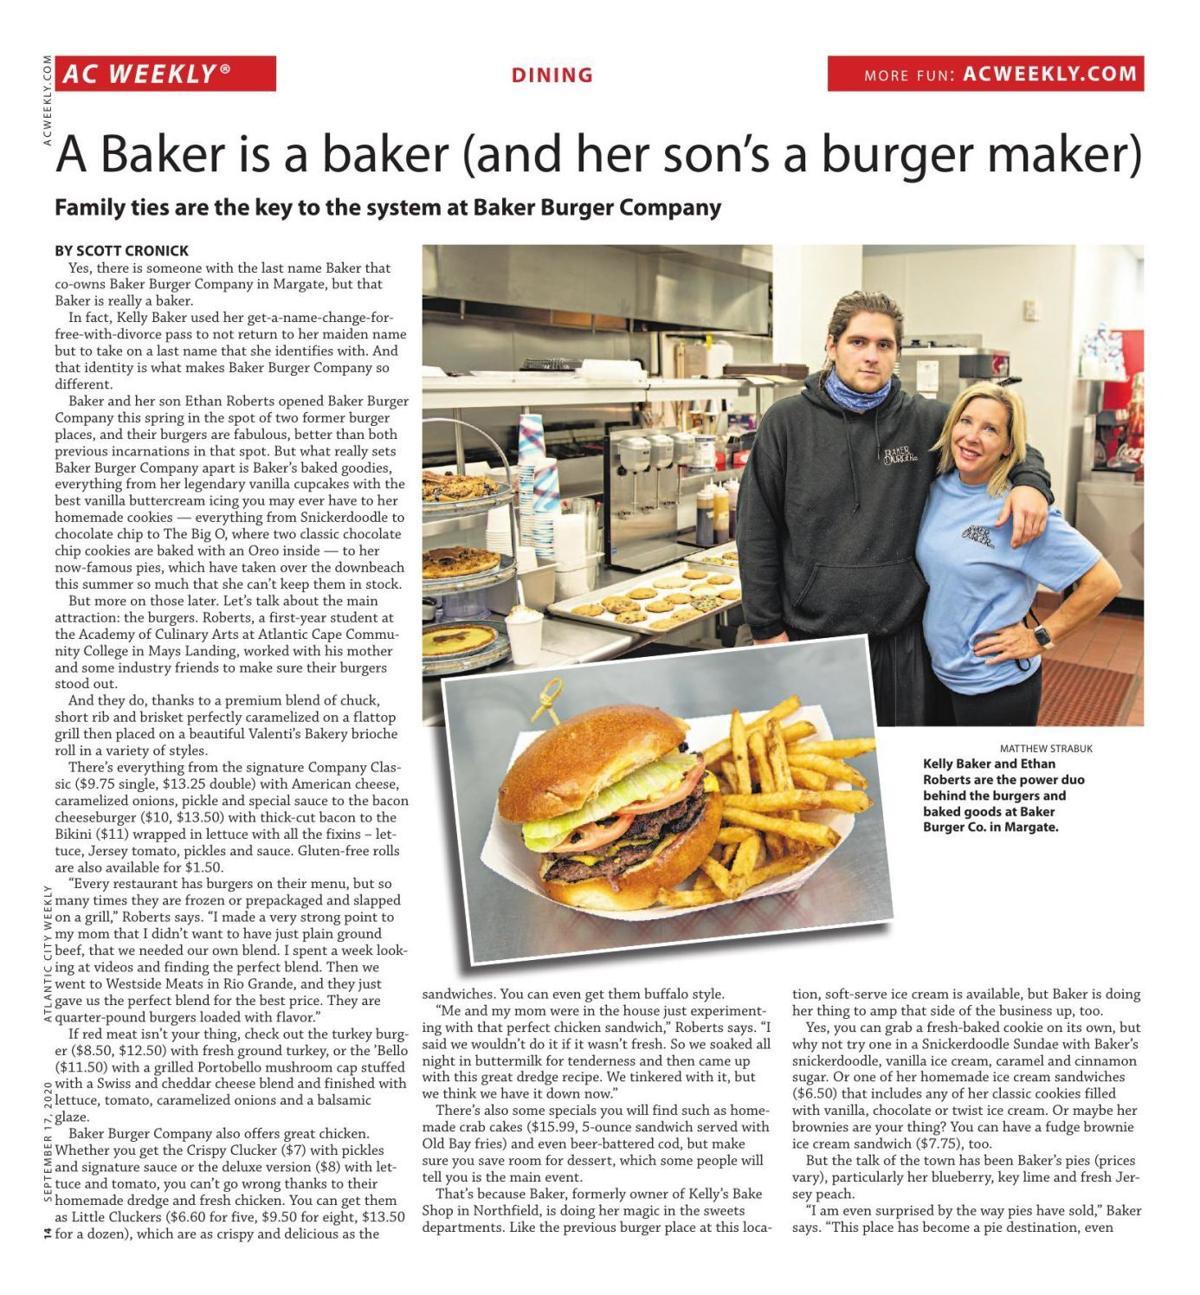 A baker is a baker (1).jpg